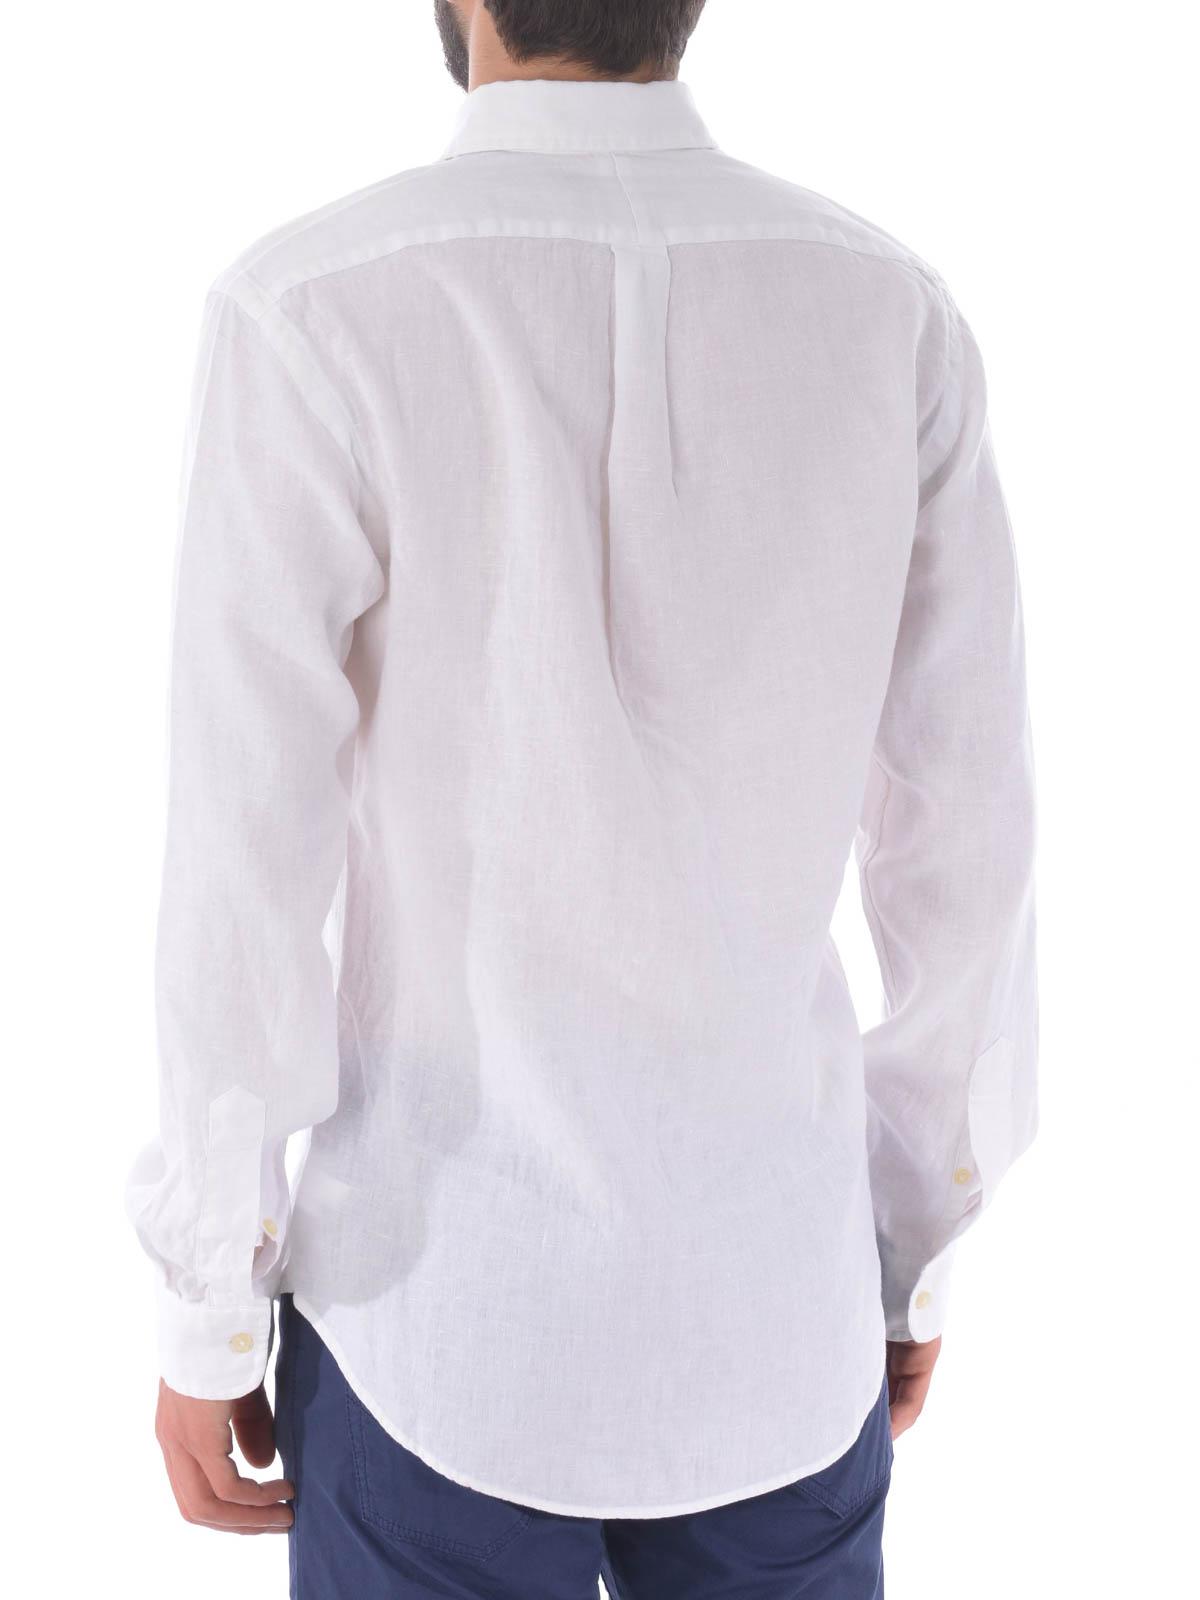 b00ae11d157626 Polo Ralph Lauren - White linen b d shirt - shirts - 744906008 ...